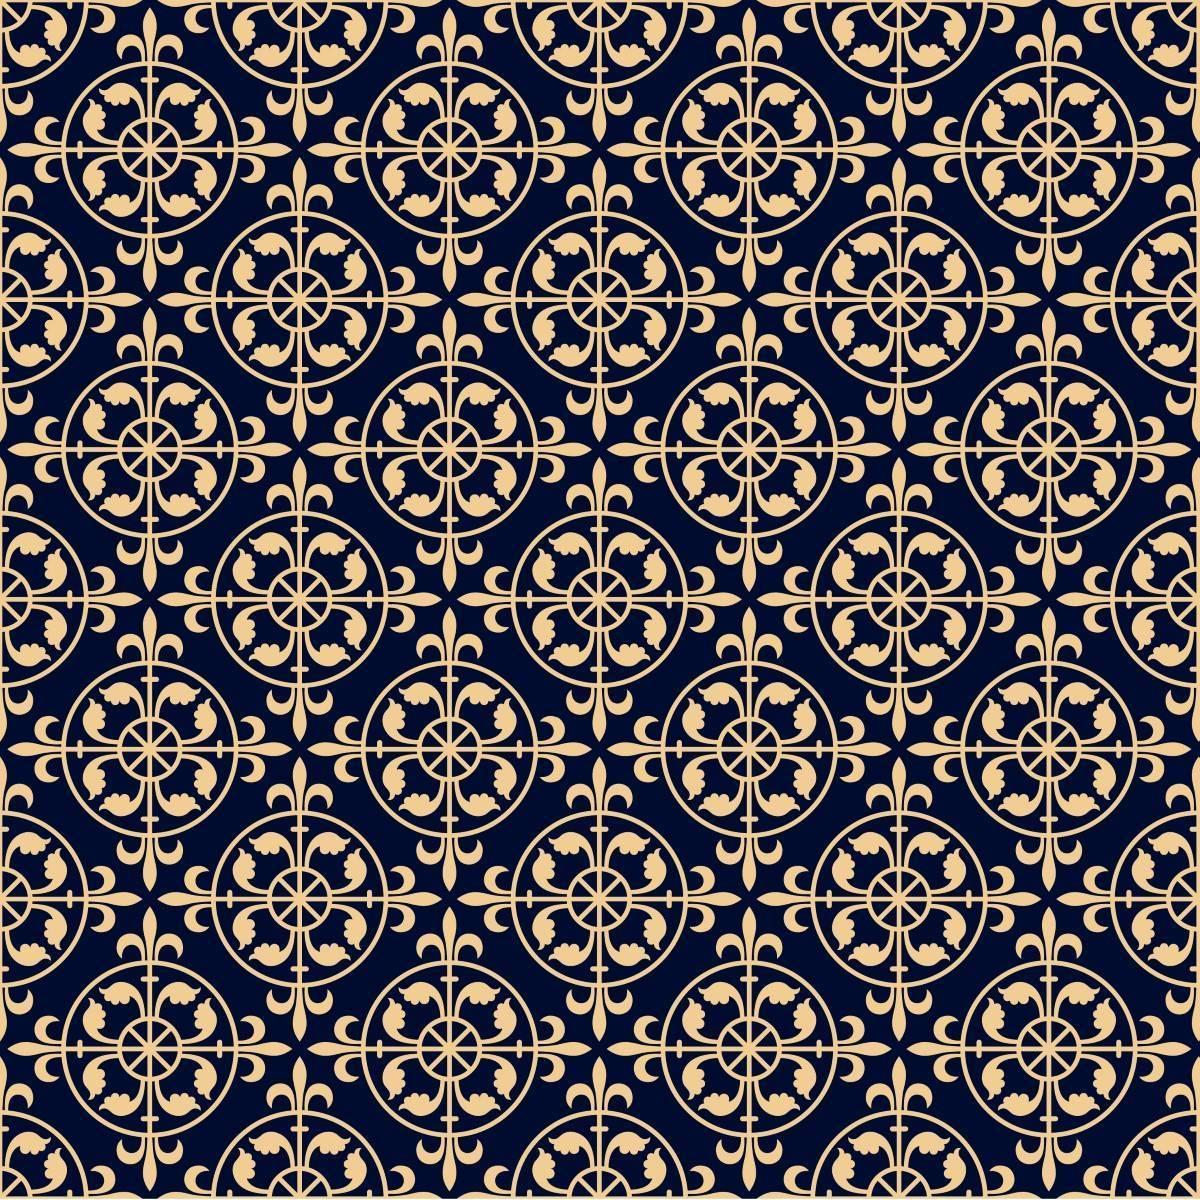 Papel de Parede Arabesco Azul Marinho | Adesivo Vinilico imagem 2